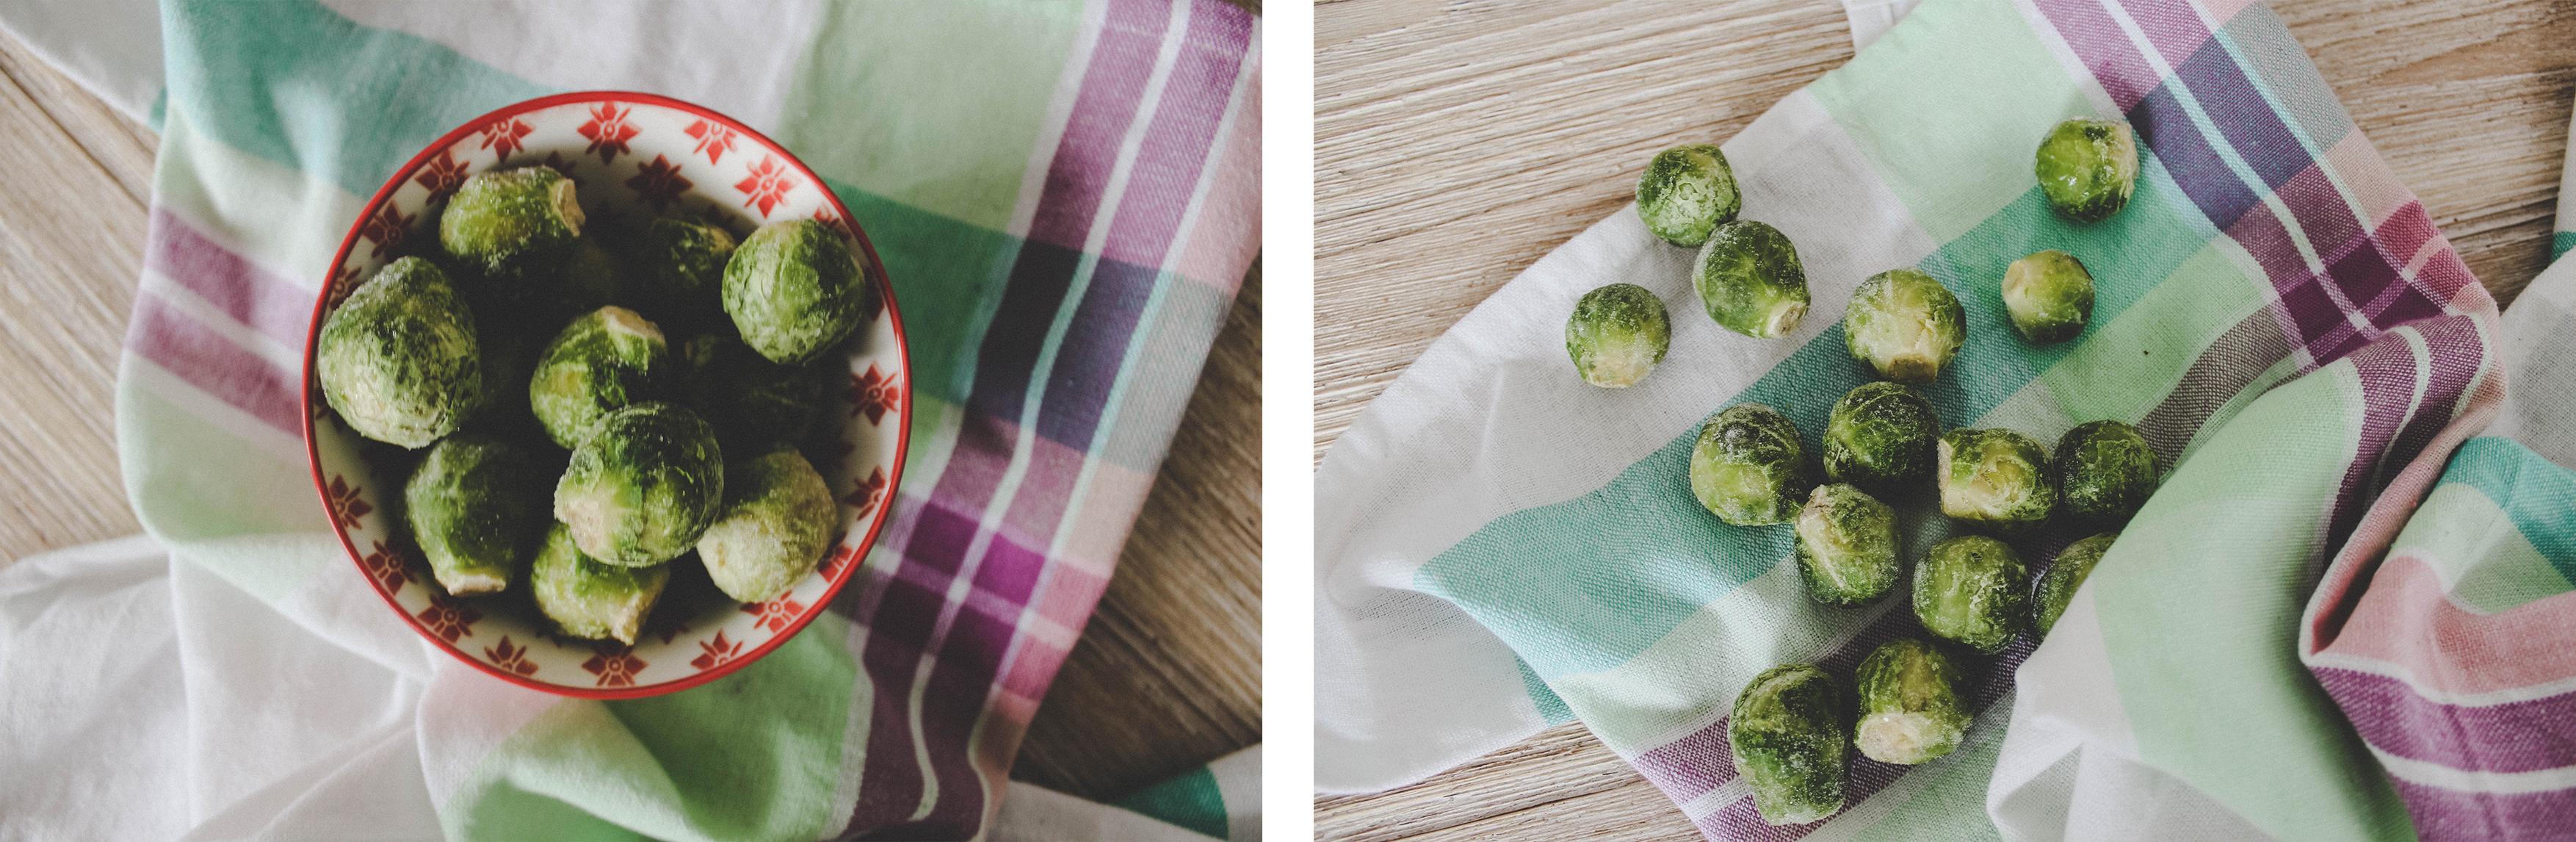 legumes-automne-parmesan-vegetal-mademoisellevi-14